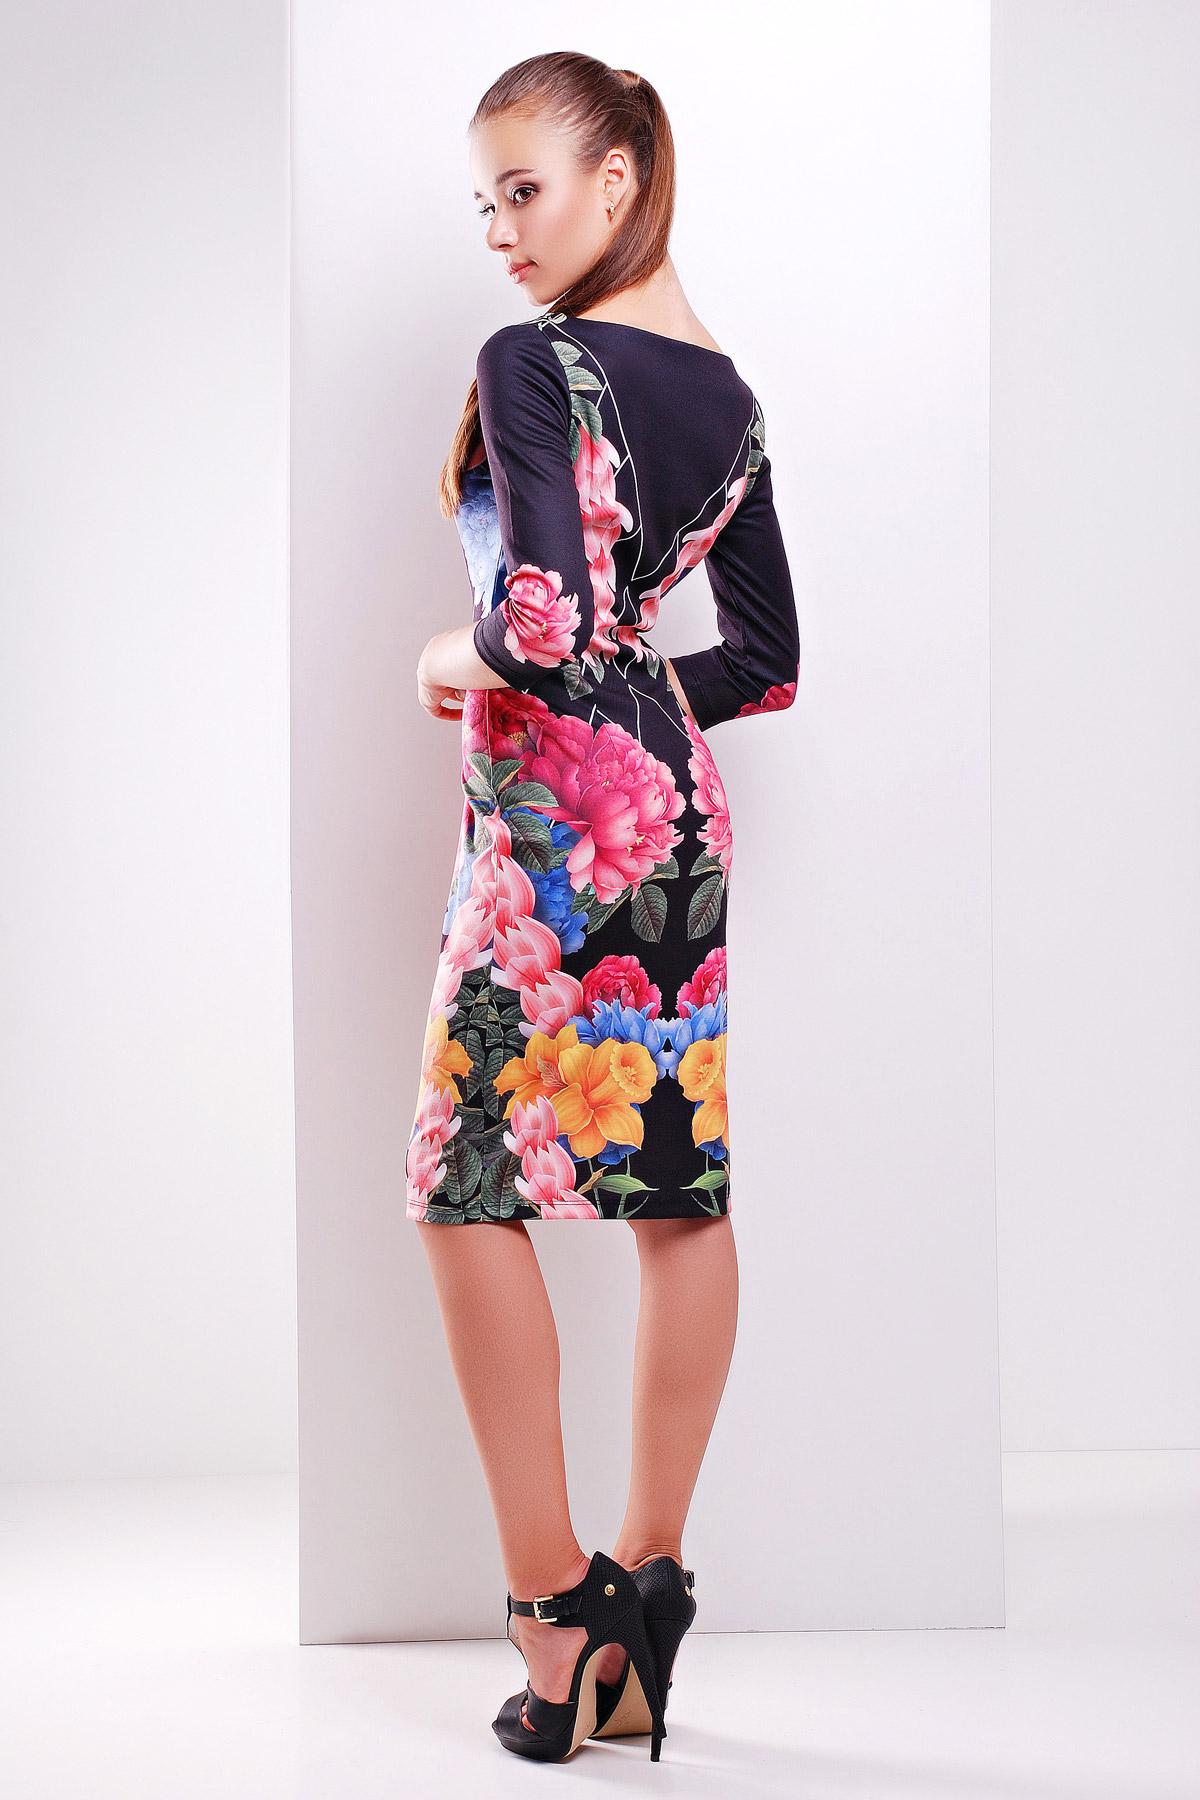 Цветочный сад платье Лоя-1Ф д/р